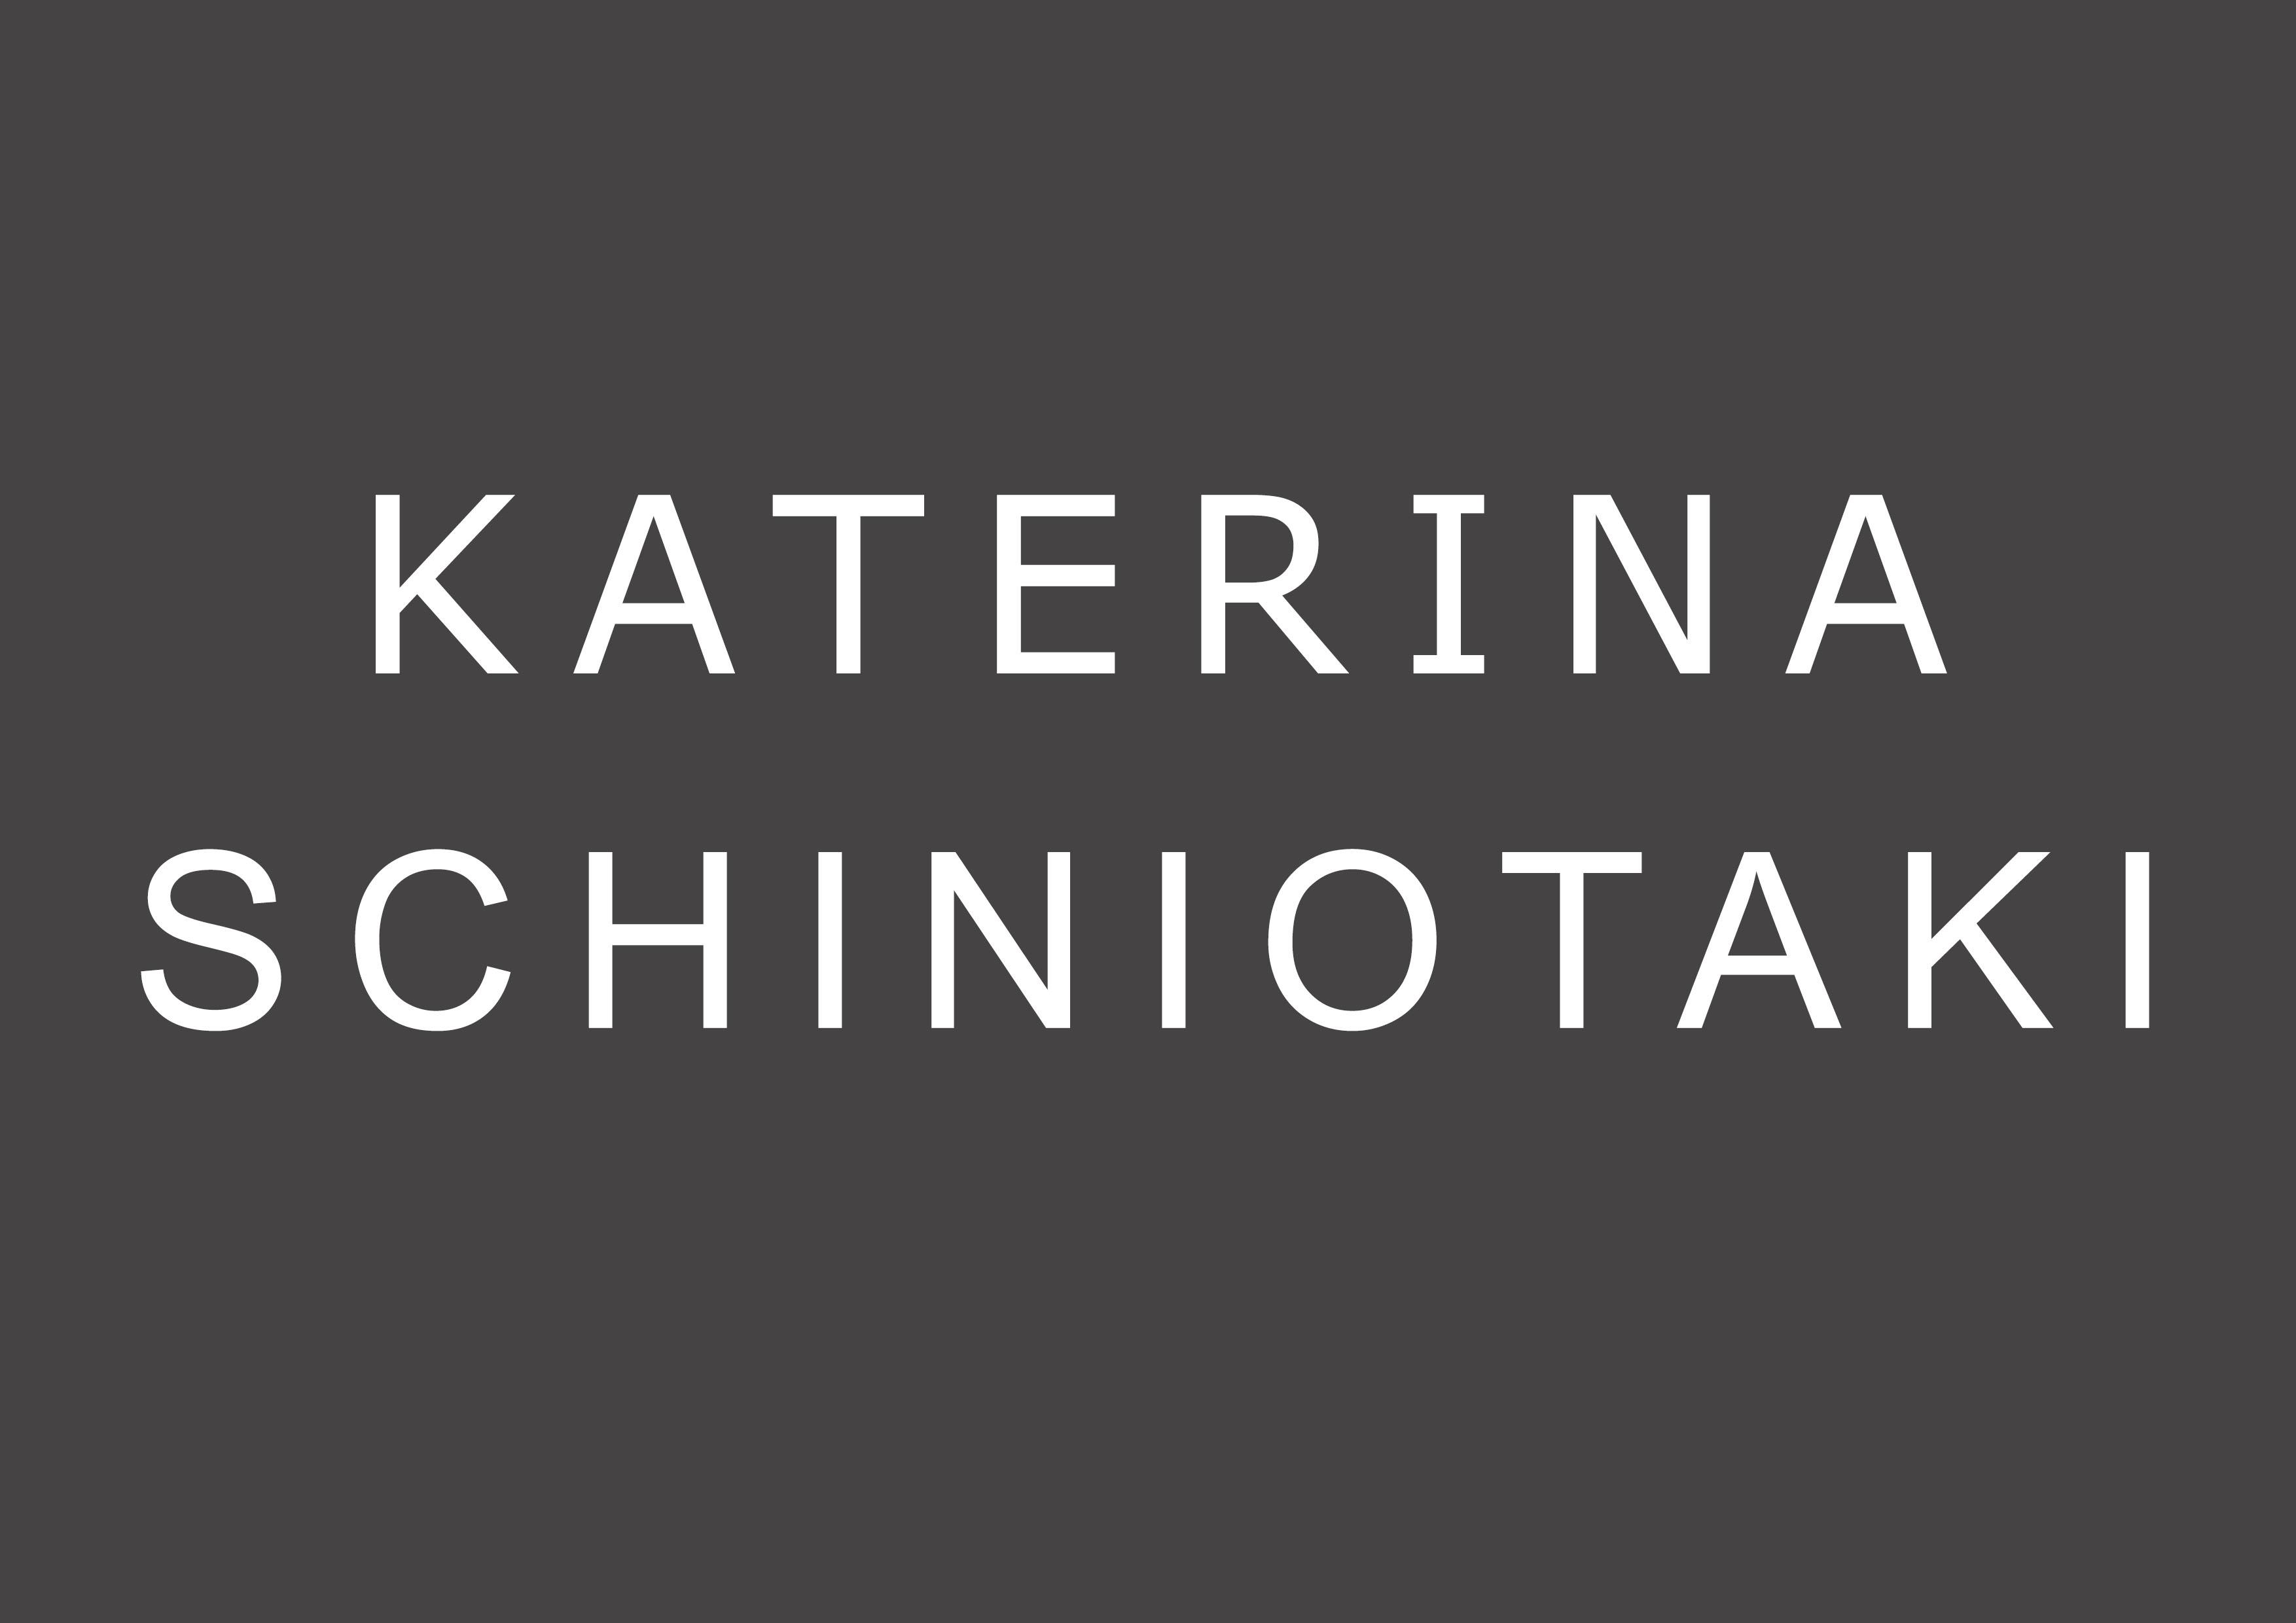 KATERINA SCHINIOTAKI